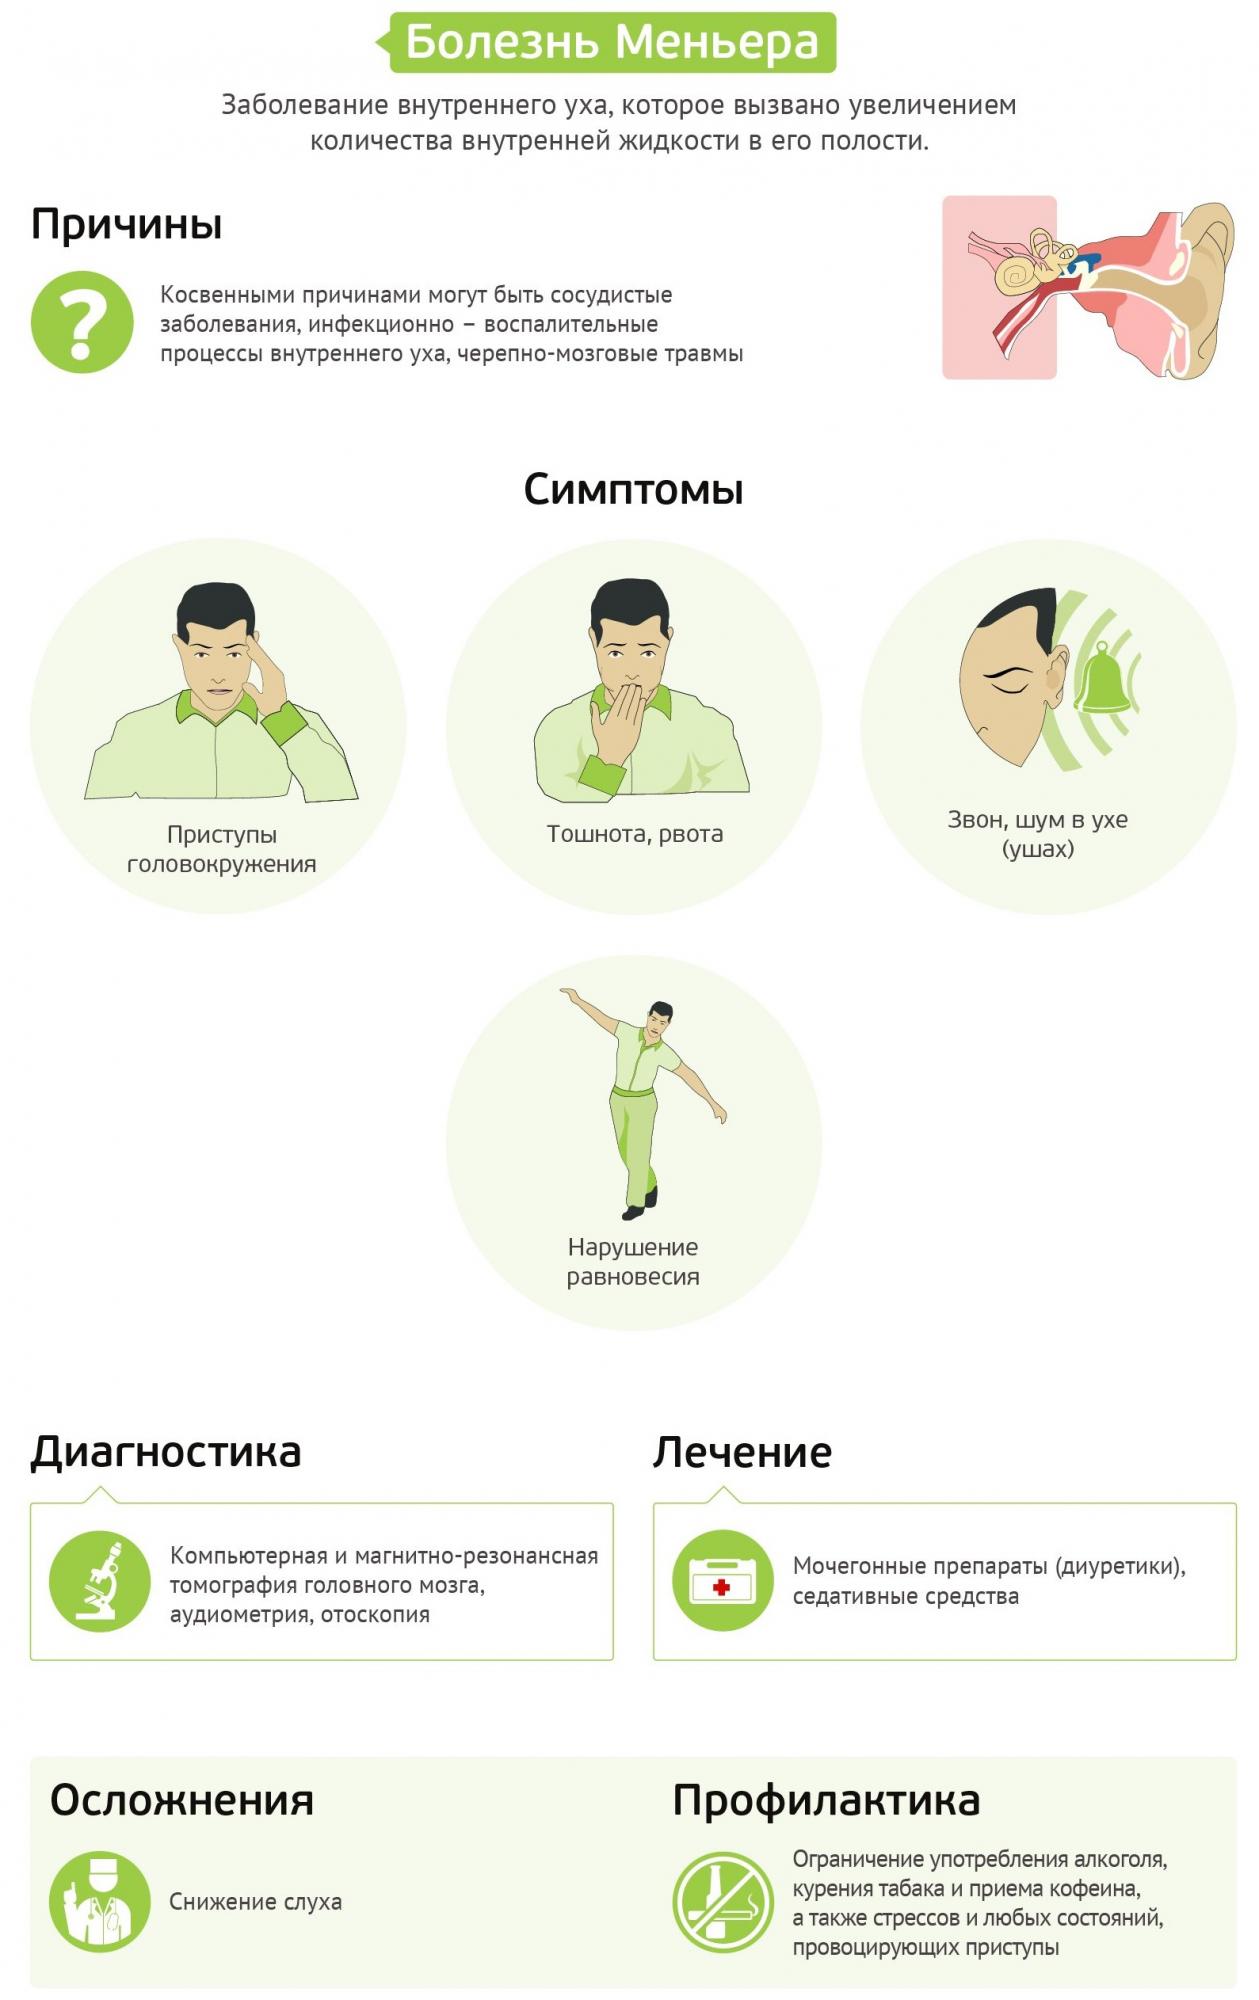 Вертиго: причины и симптомы внезапного головокружения